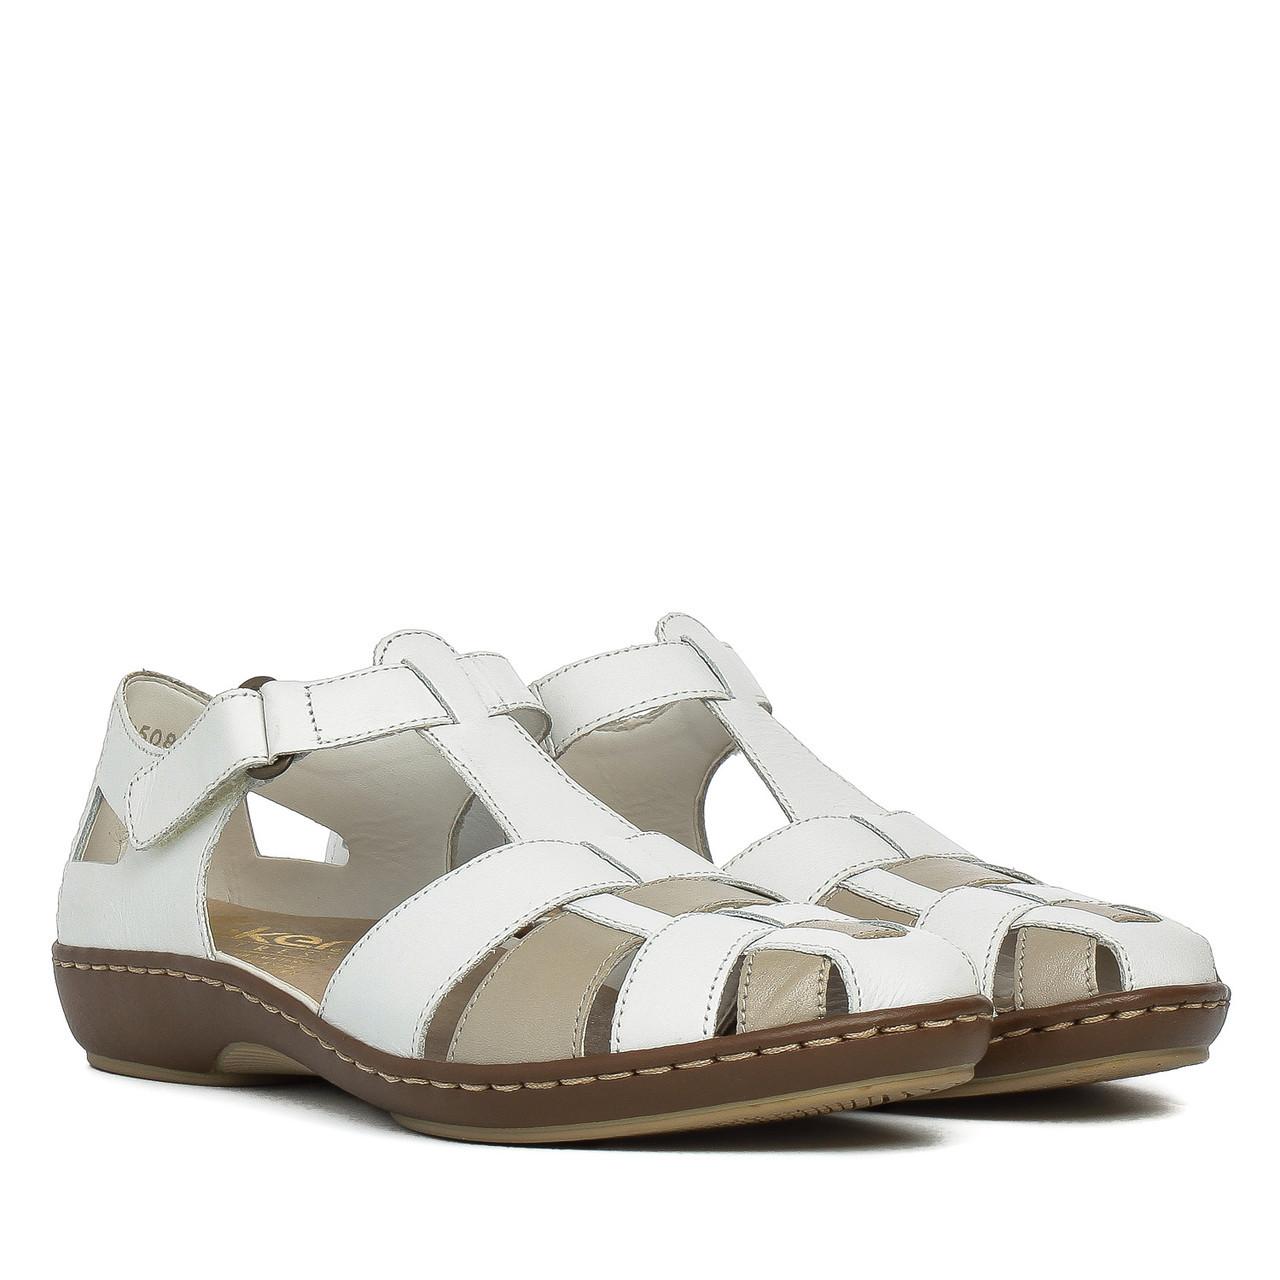 ae6f59da6 Босоножки женские Rieker (белые, качественные, стильные, удобные) - Интернет -магазин